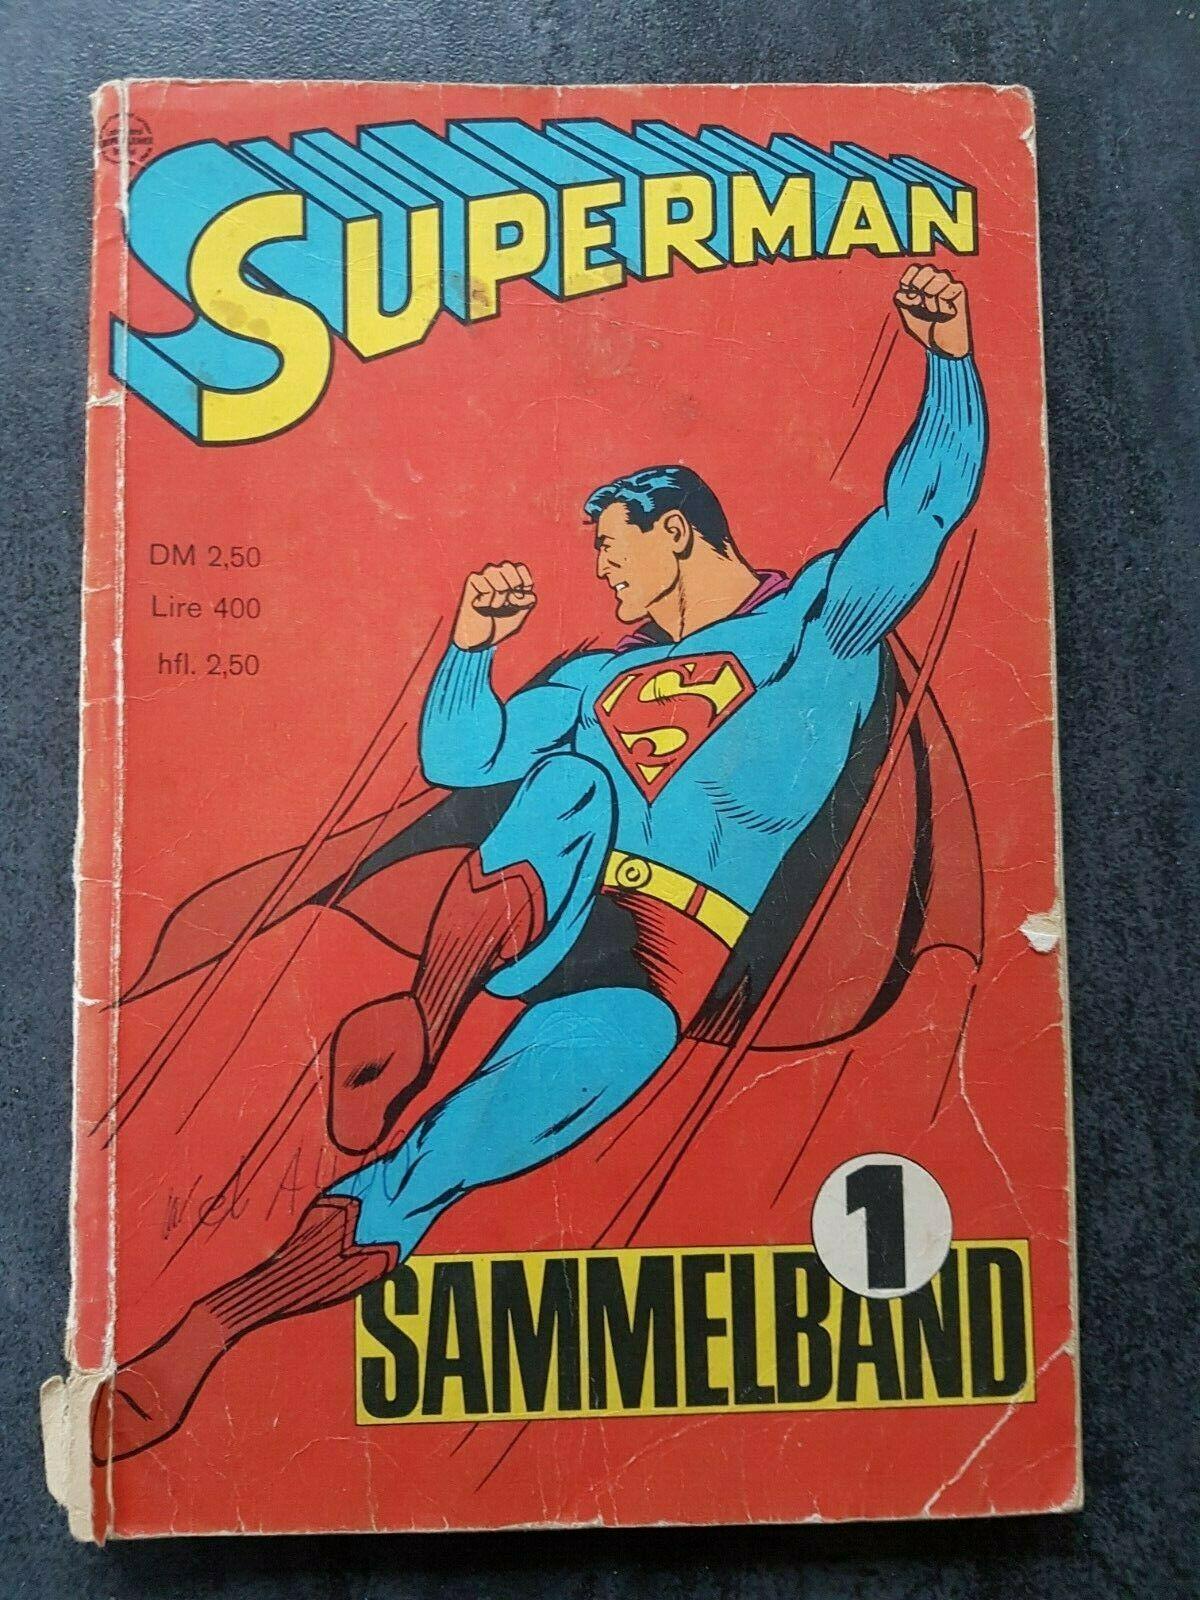 Seltener Superman Sammelband 1 mit den Heften 1, 2, 3, 4 von 1966  Comic 60er